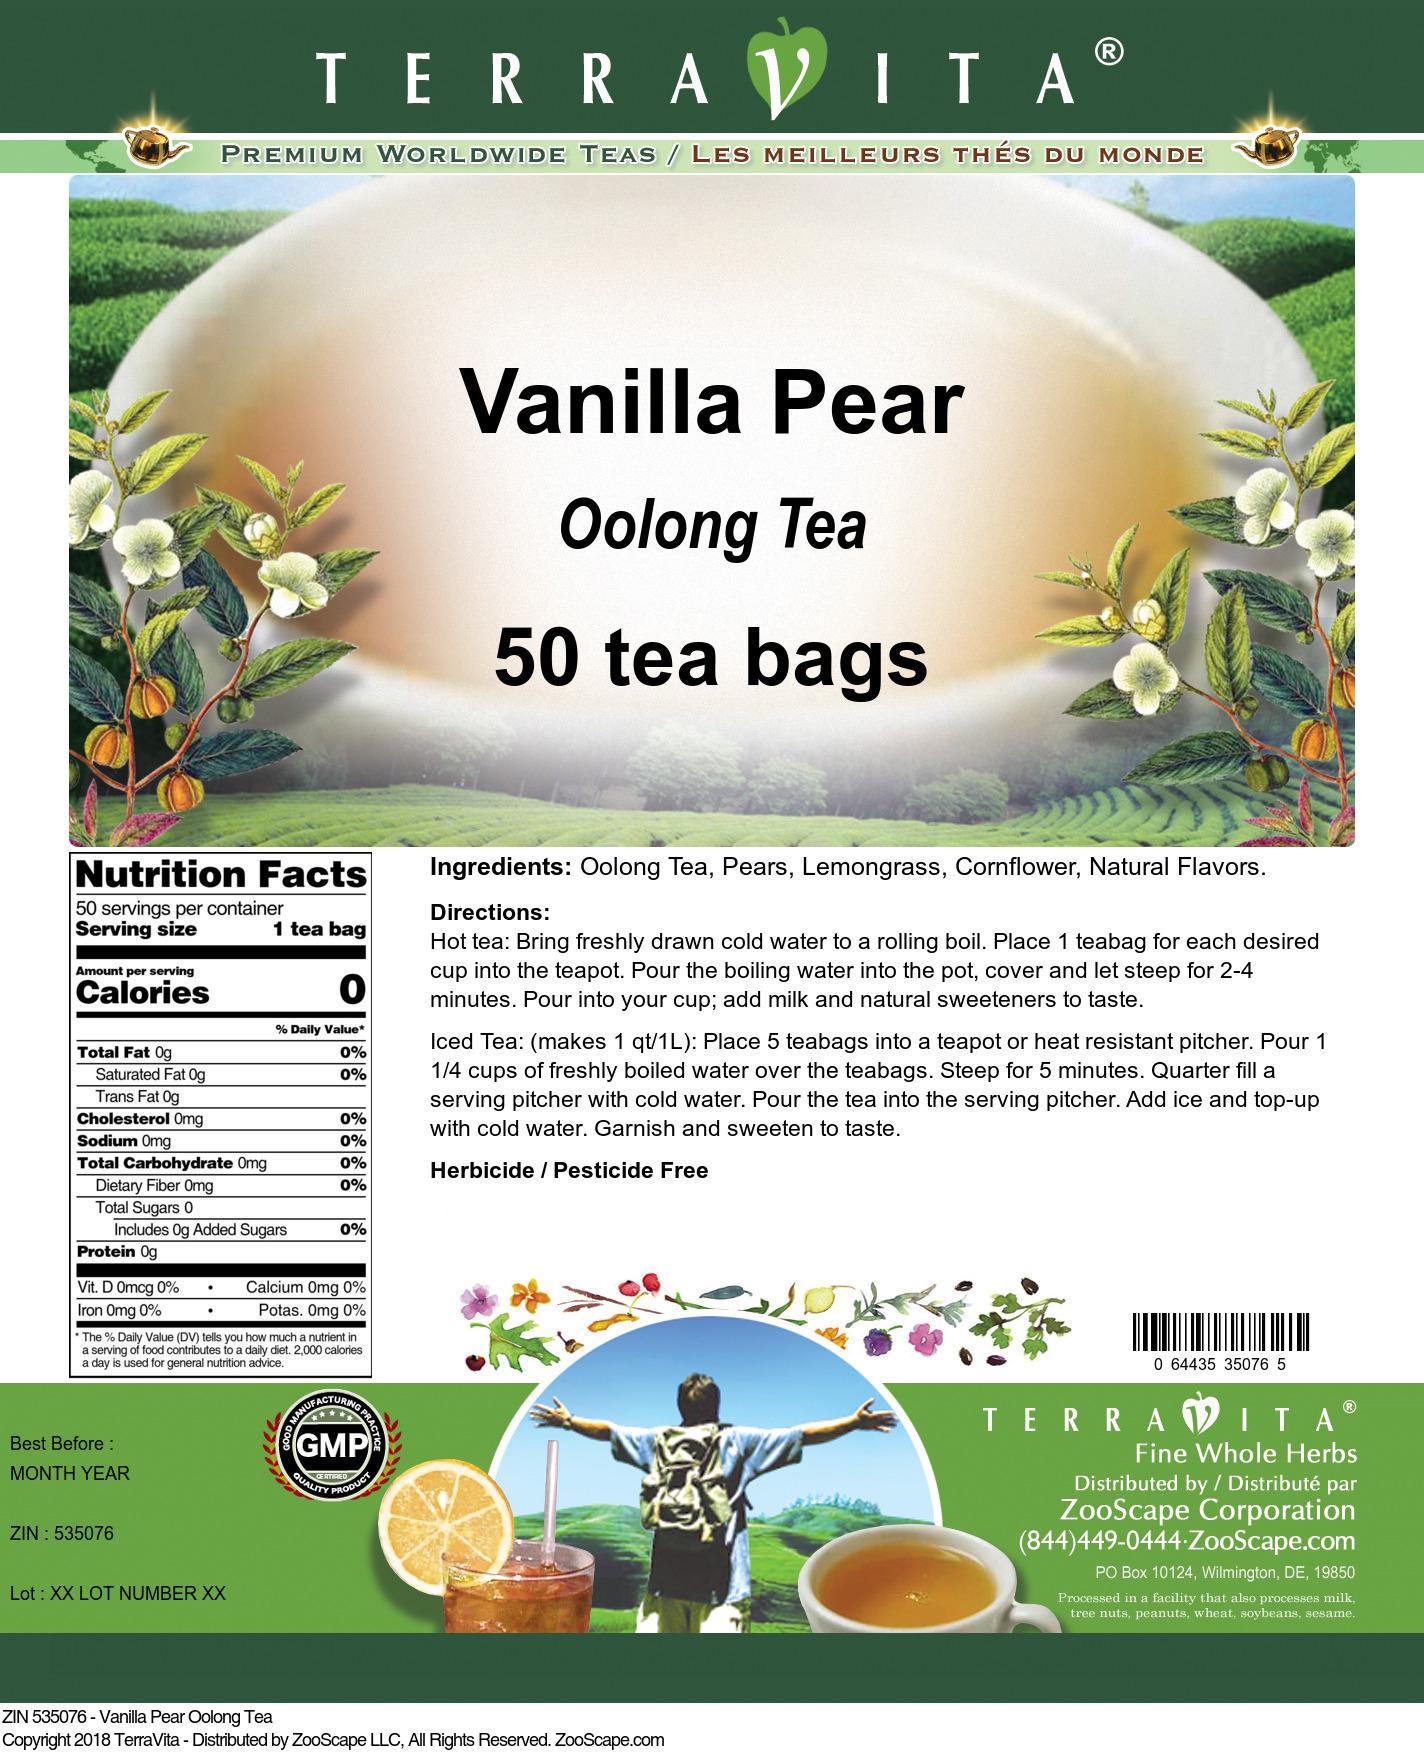 Vanilla Pear Oolong Tea